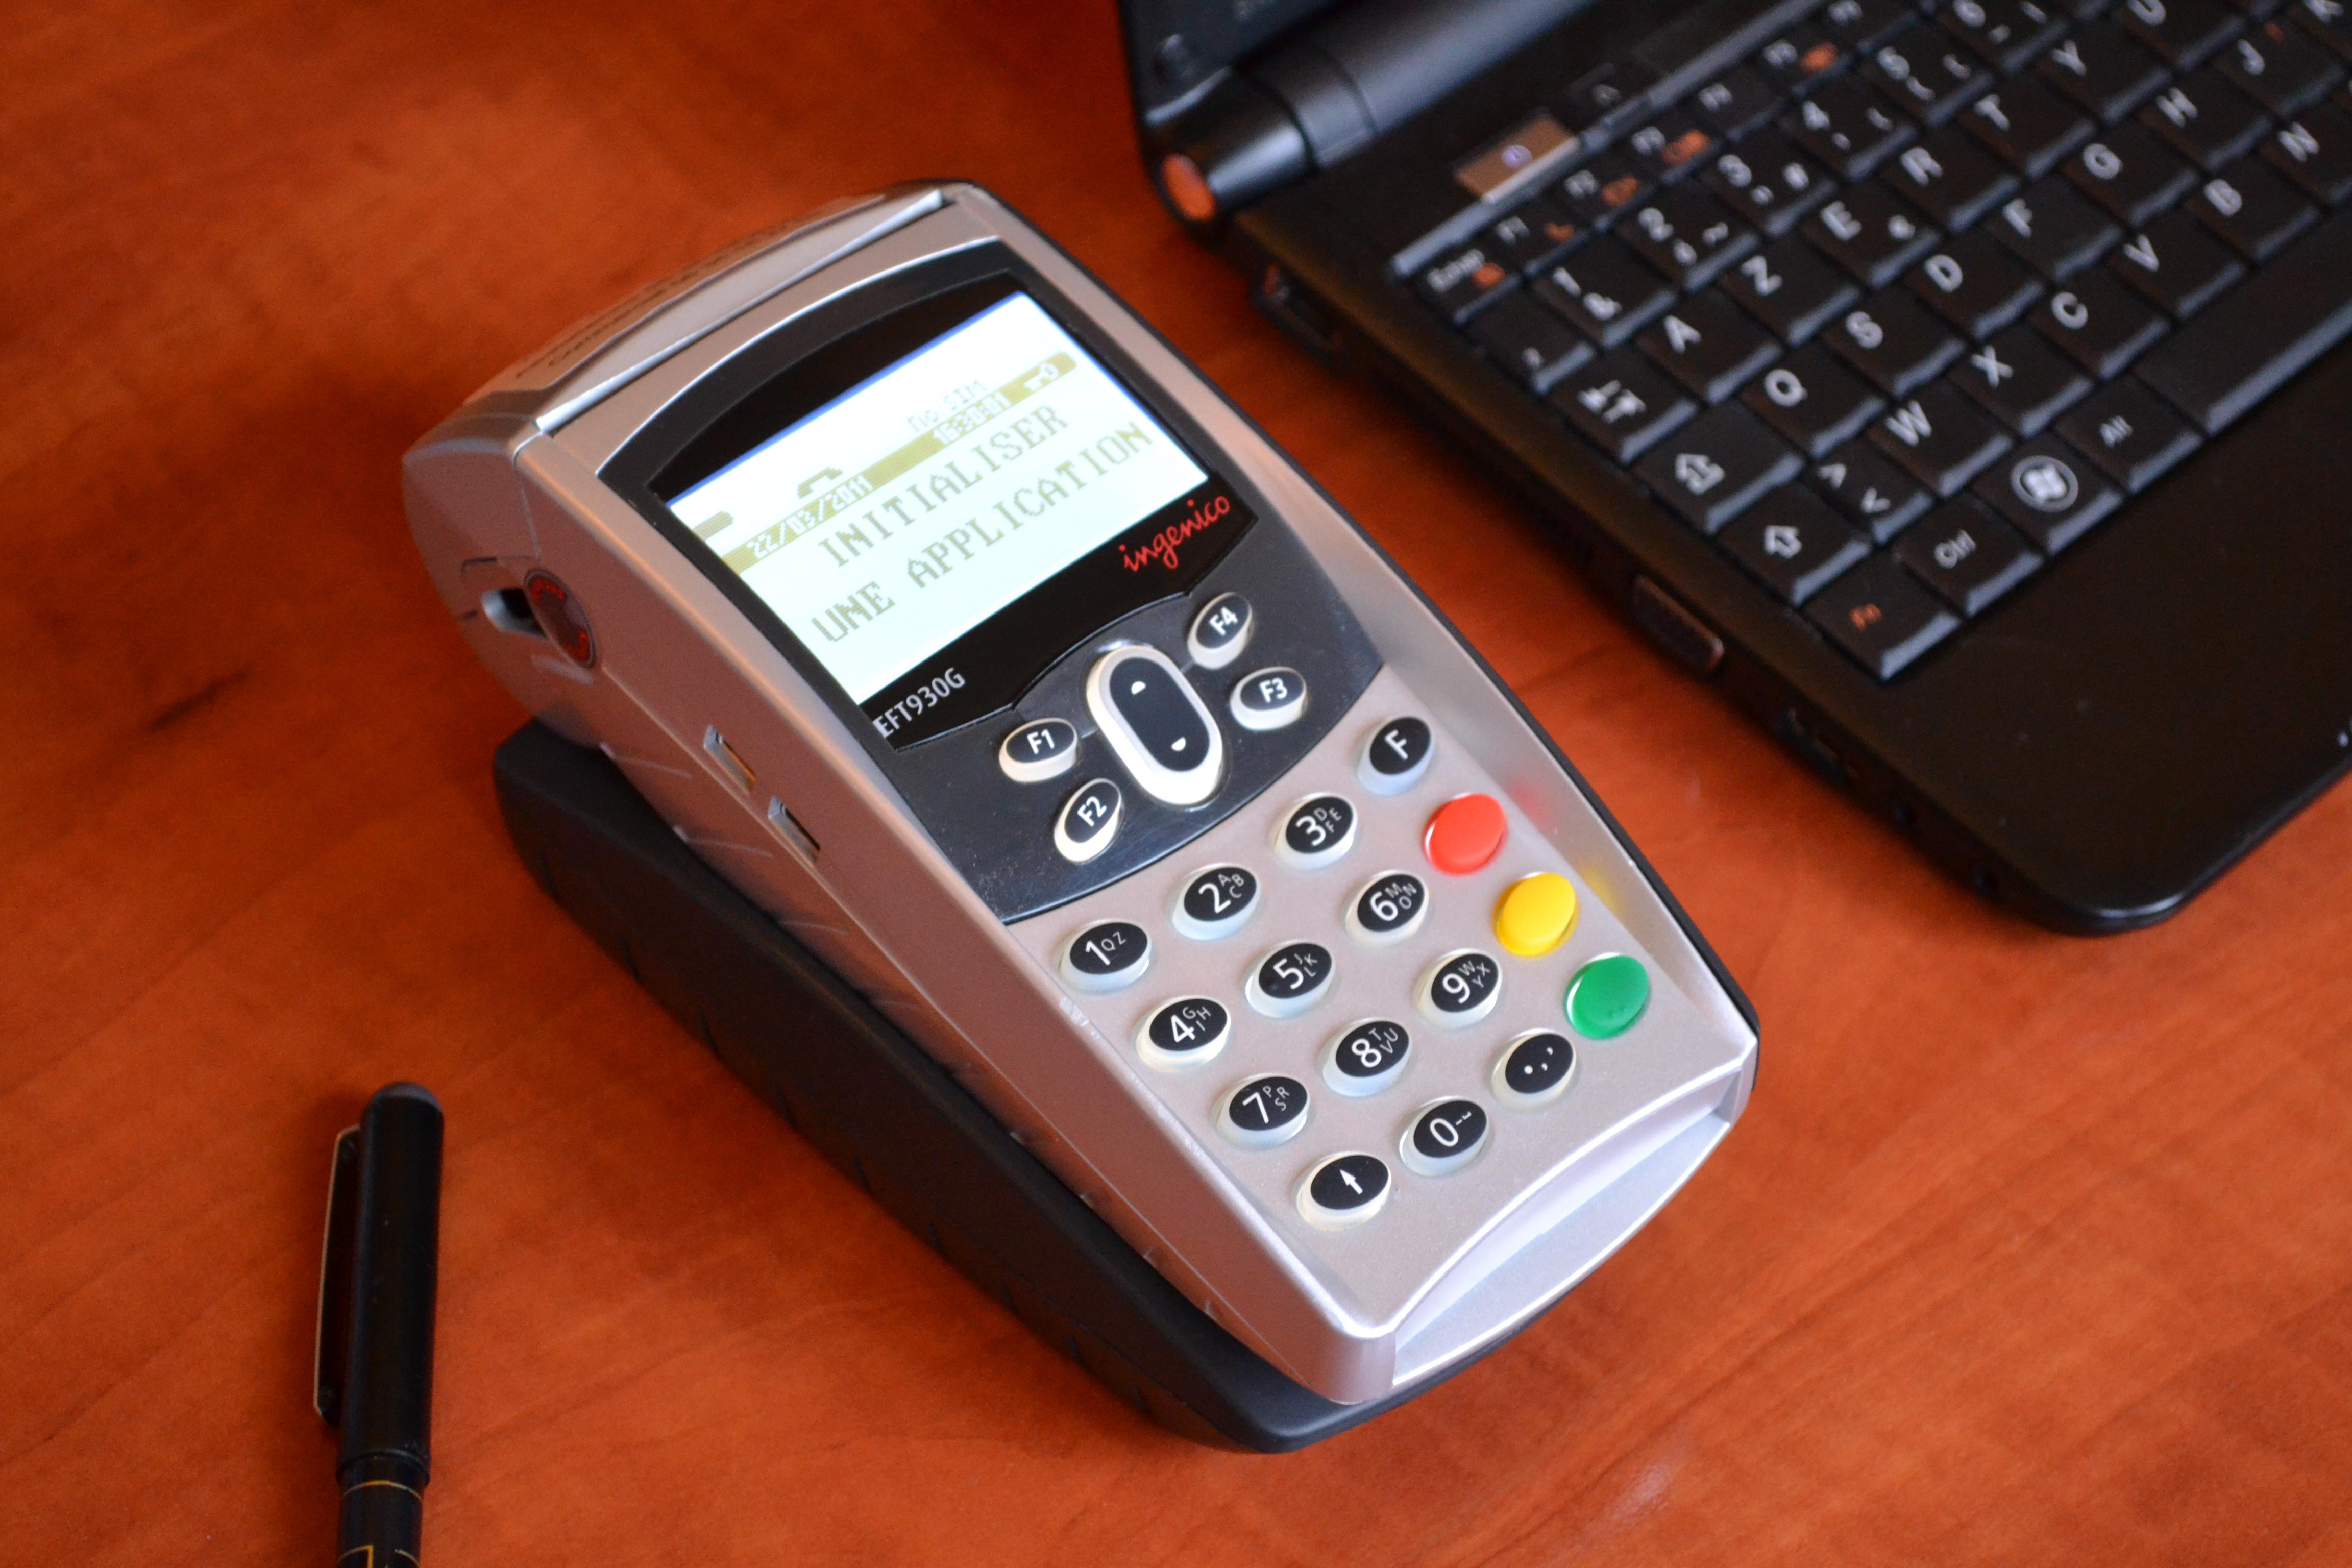 Lecteur carte bancaire portable d'occasion